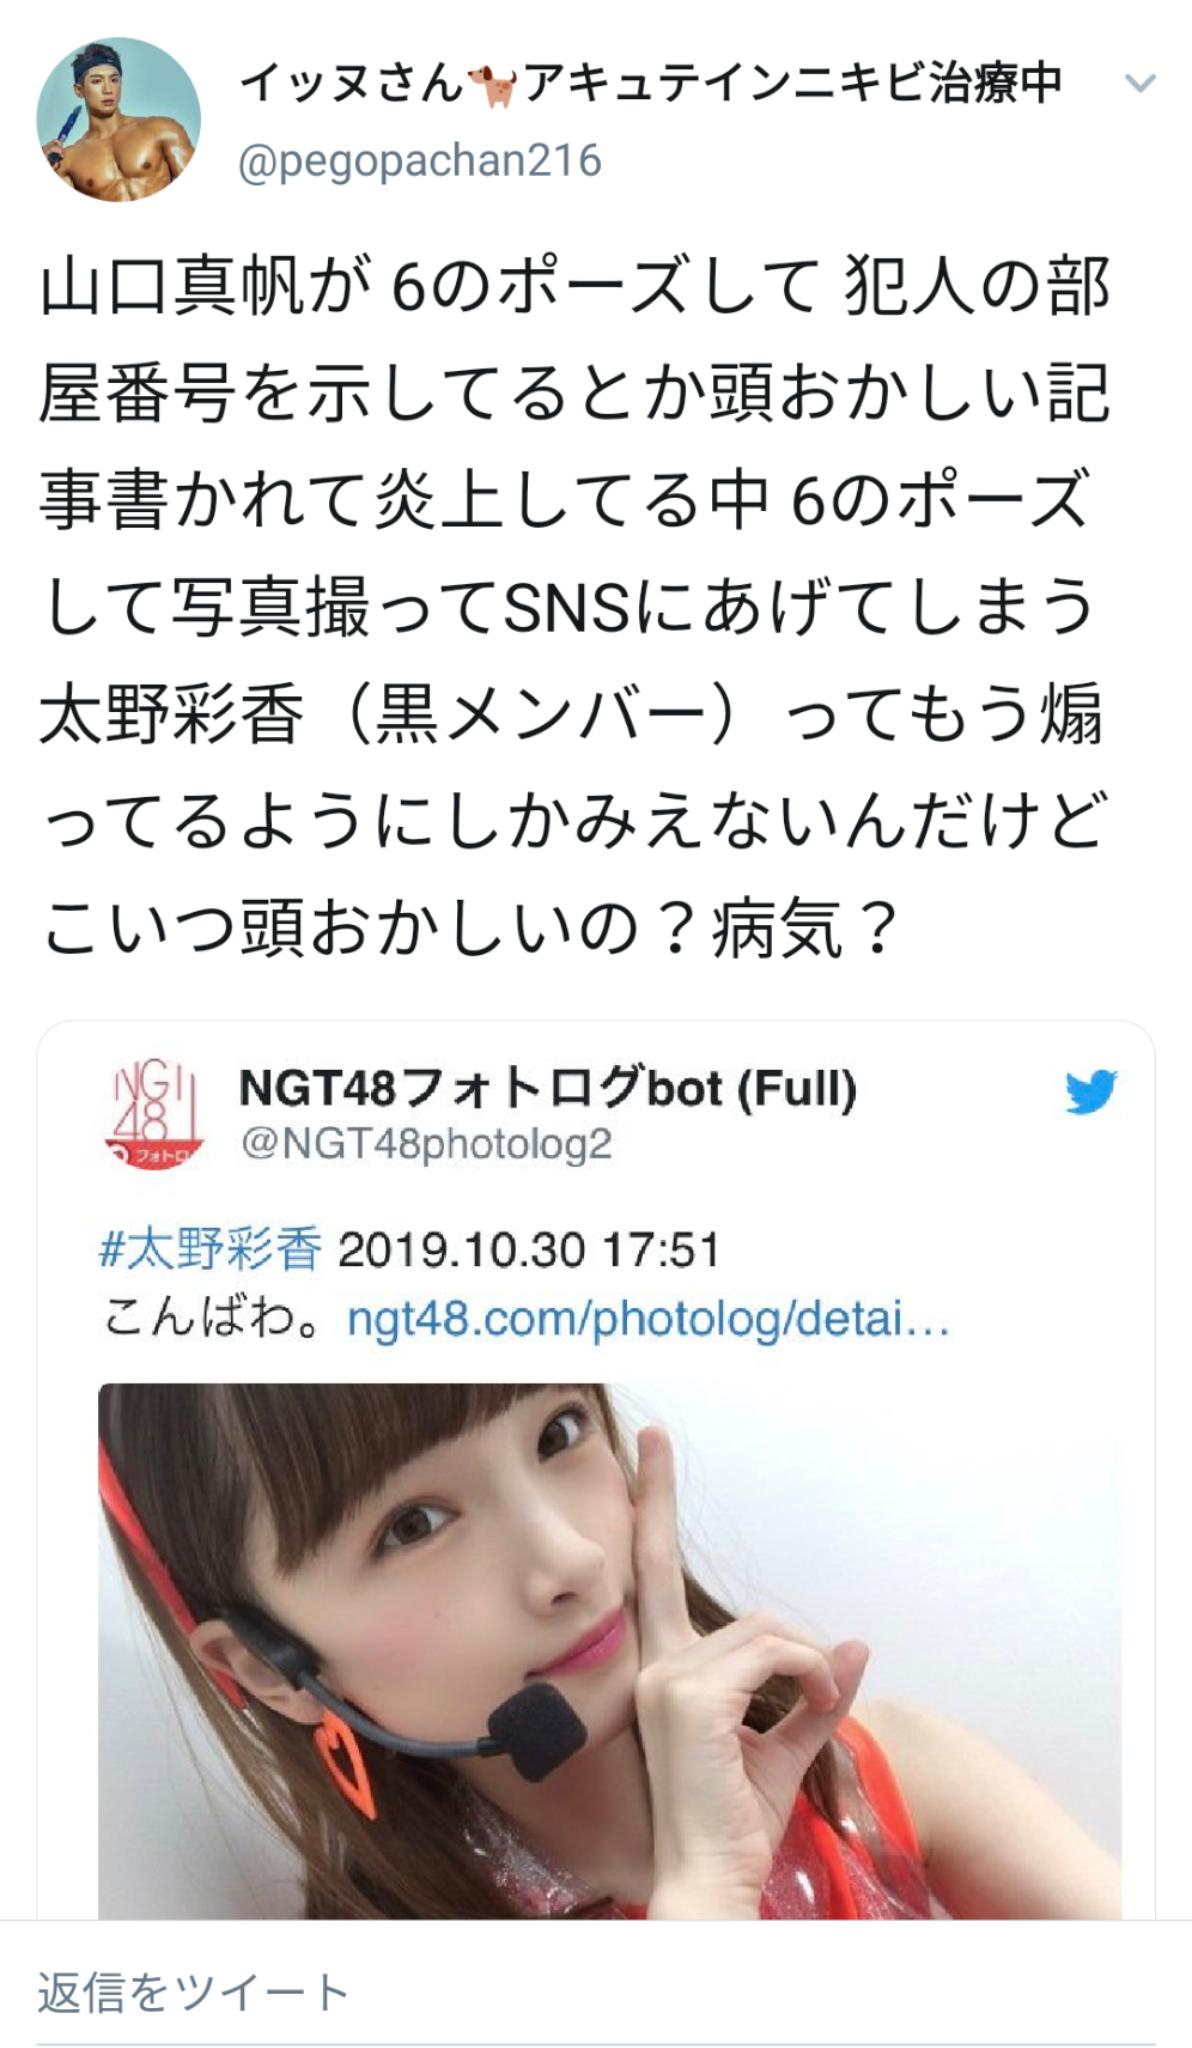 【悲報】元NGTの山口真帆さん、未だにメンバーから煽られていた